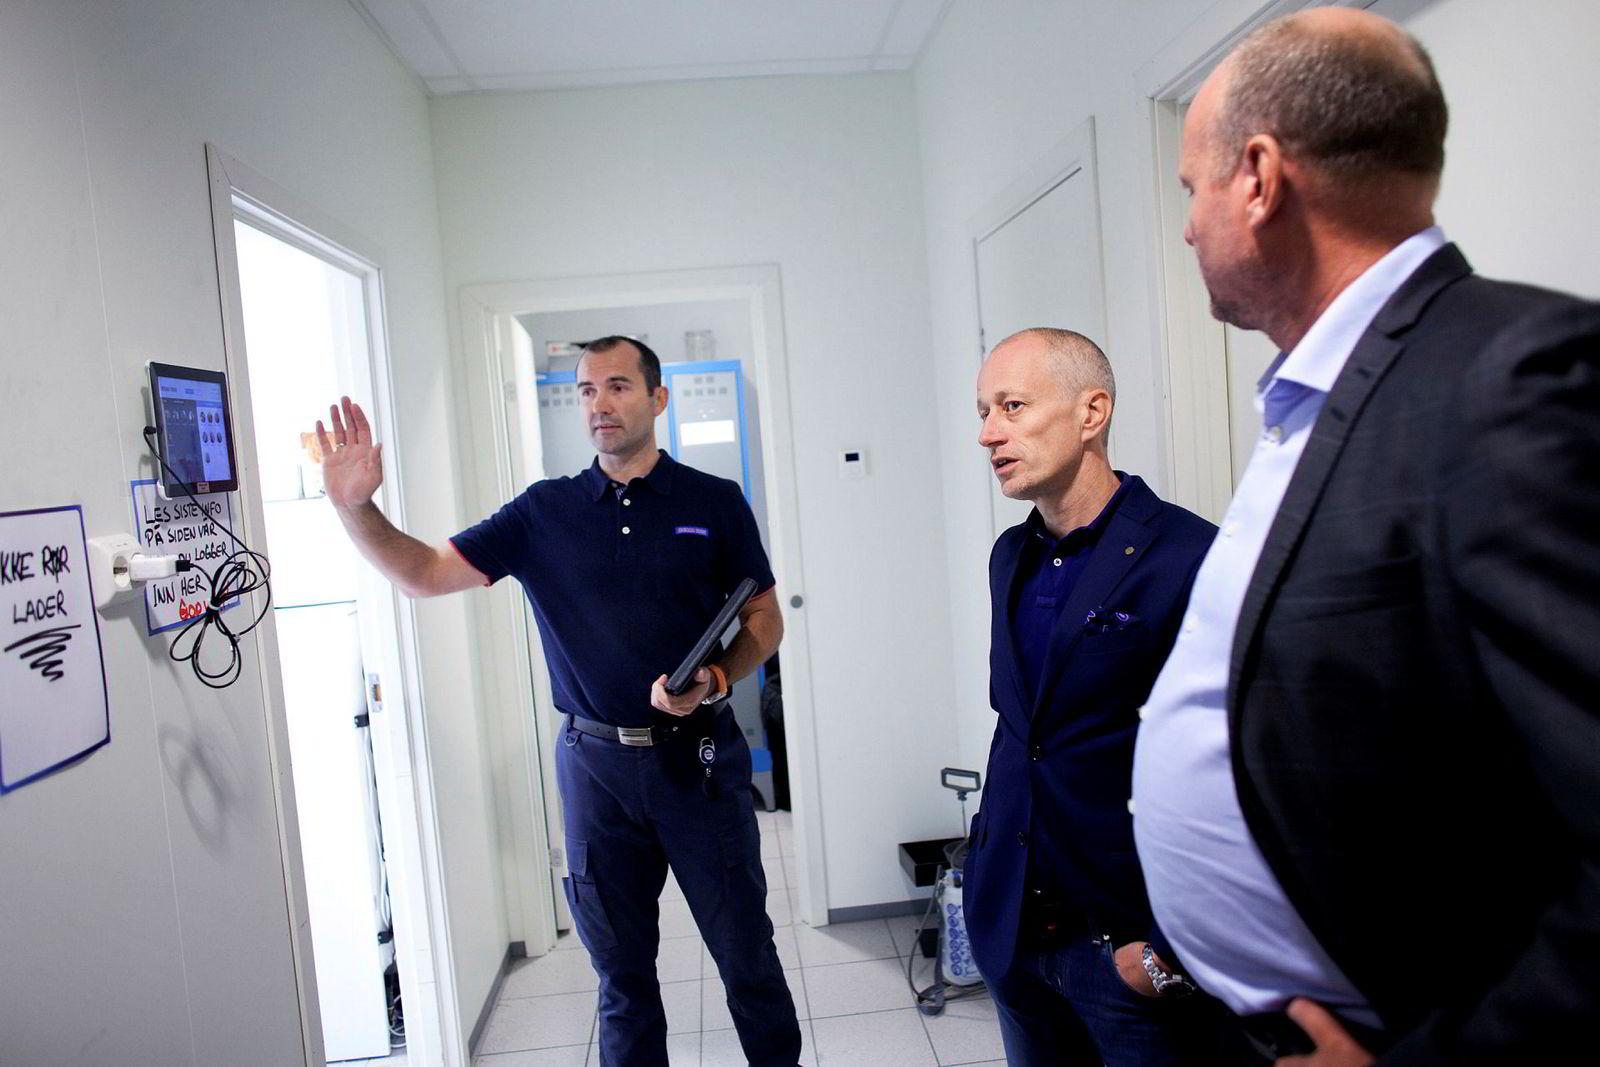 Kjøpmann Jone Tungland viser butikkens «digitale stemplingsur» til Remas HR-direktør Tore Høylie og daglig leder Thor-Erik Skrøder fra IT-konsulentselskapet Communicate.